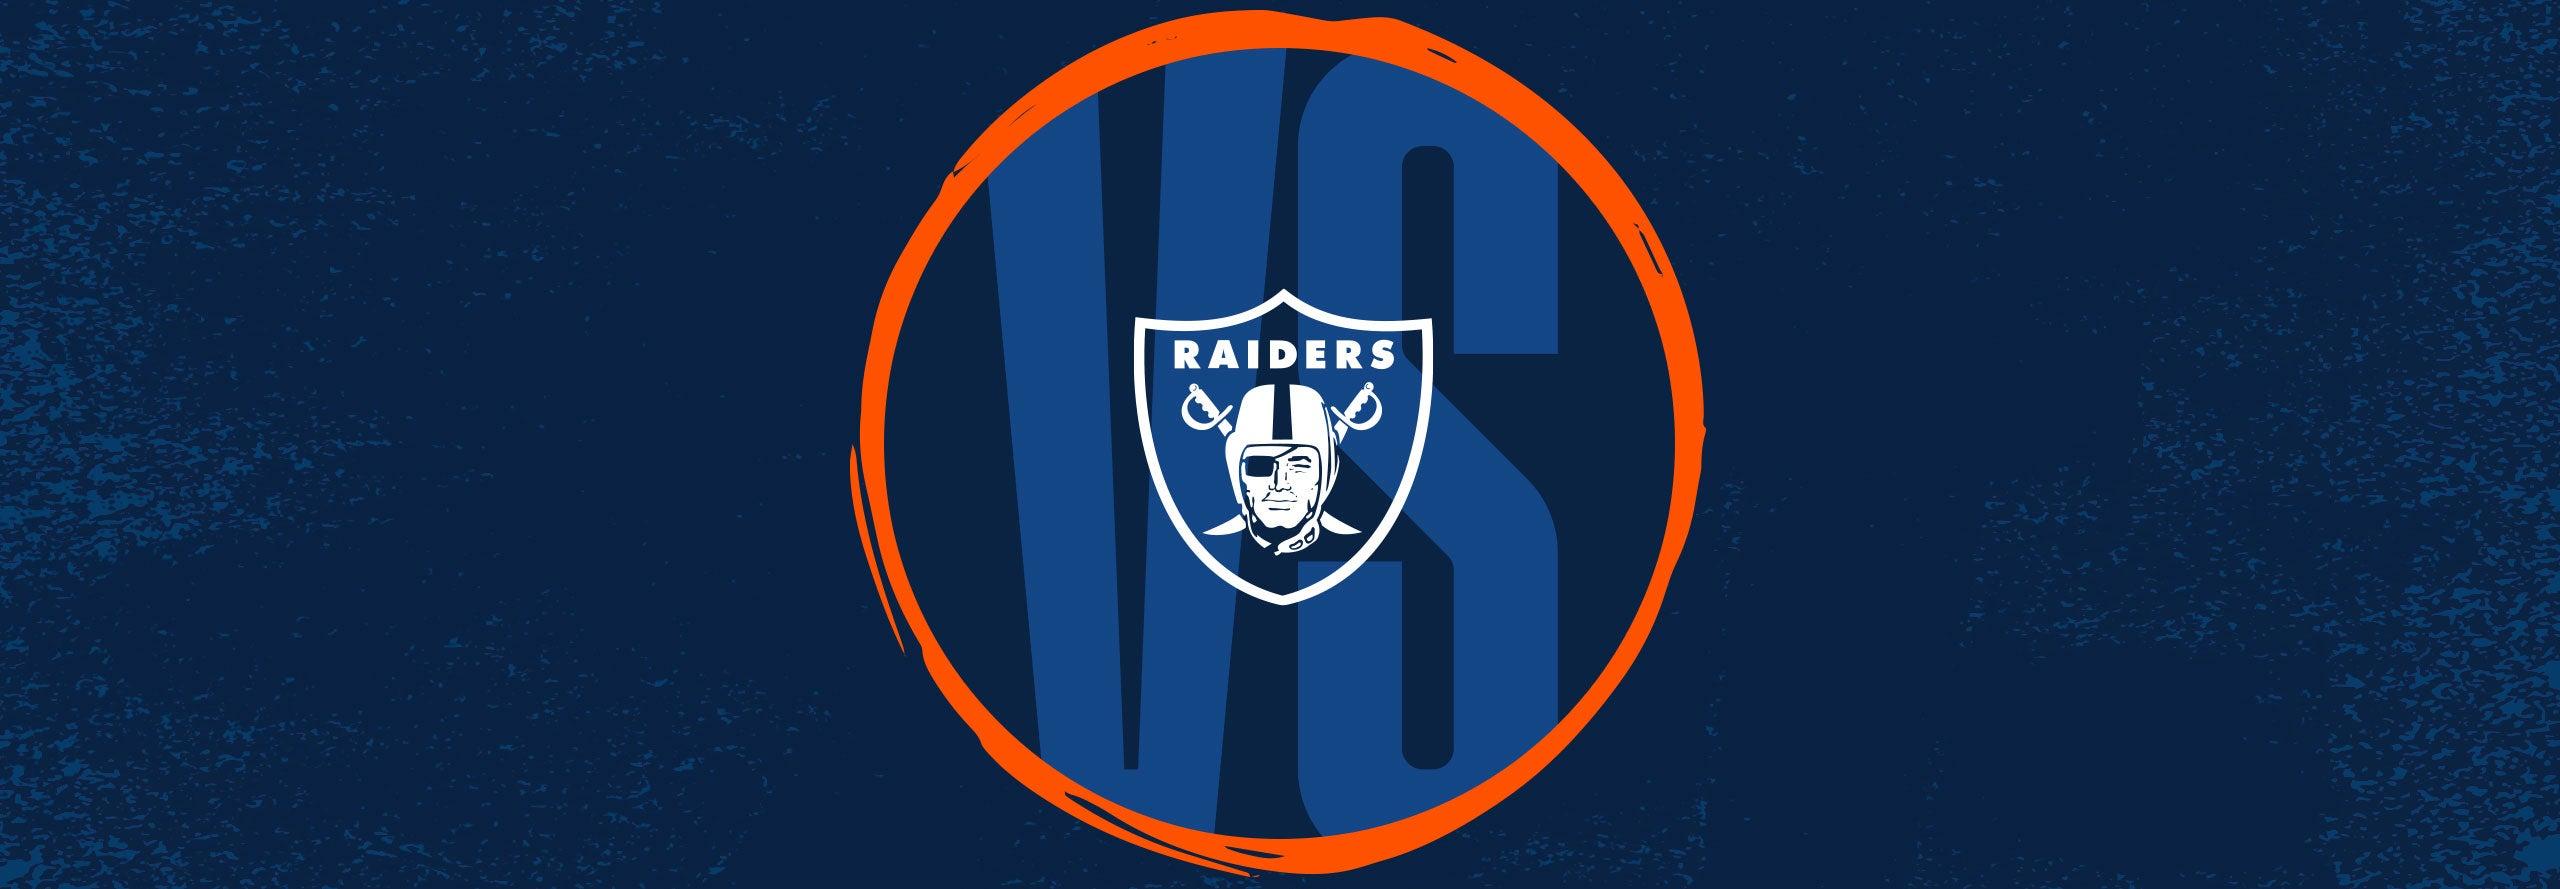 Broncos vs Raiders - Week 6